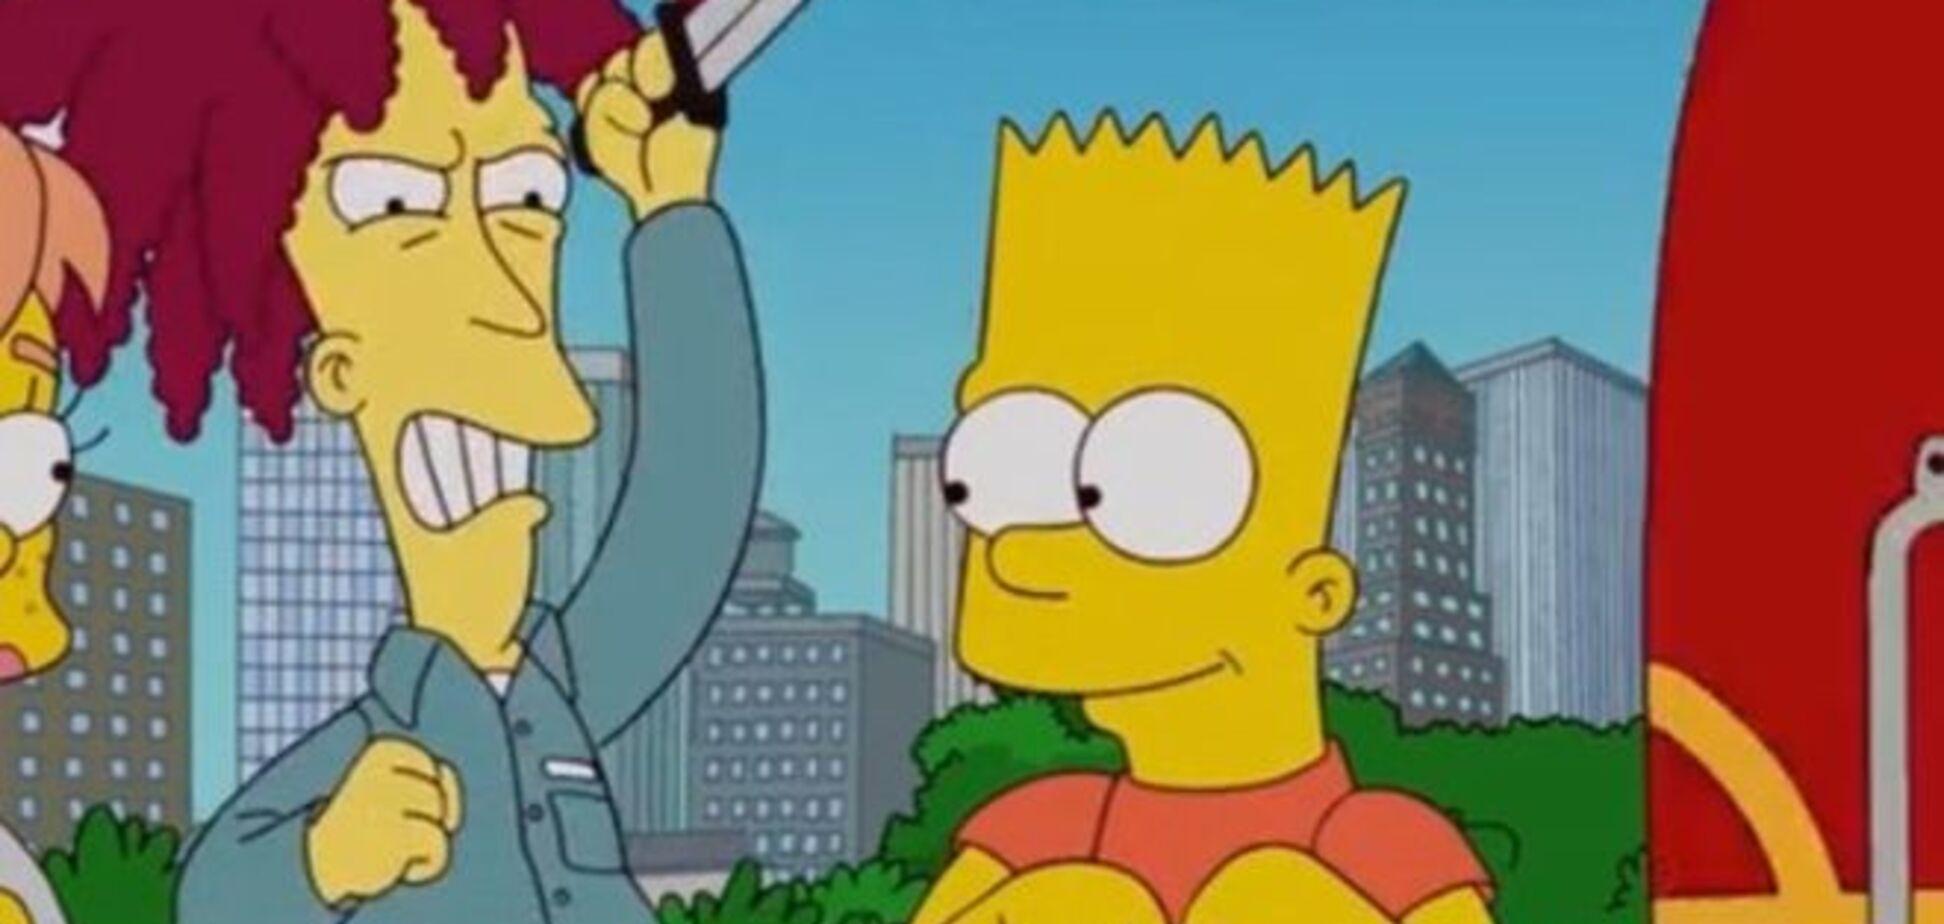 В сериале 'Симпсоны' готовят убийство Барта – СМИ